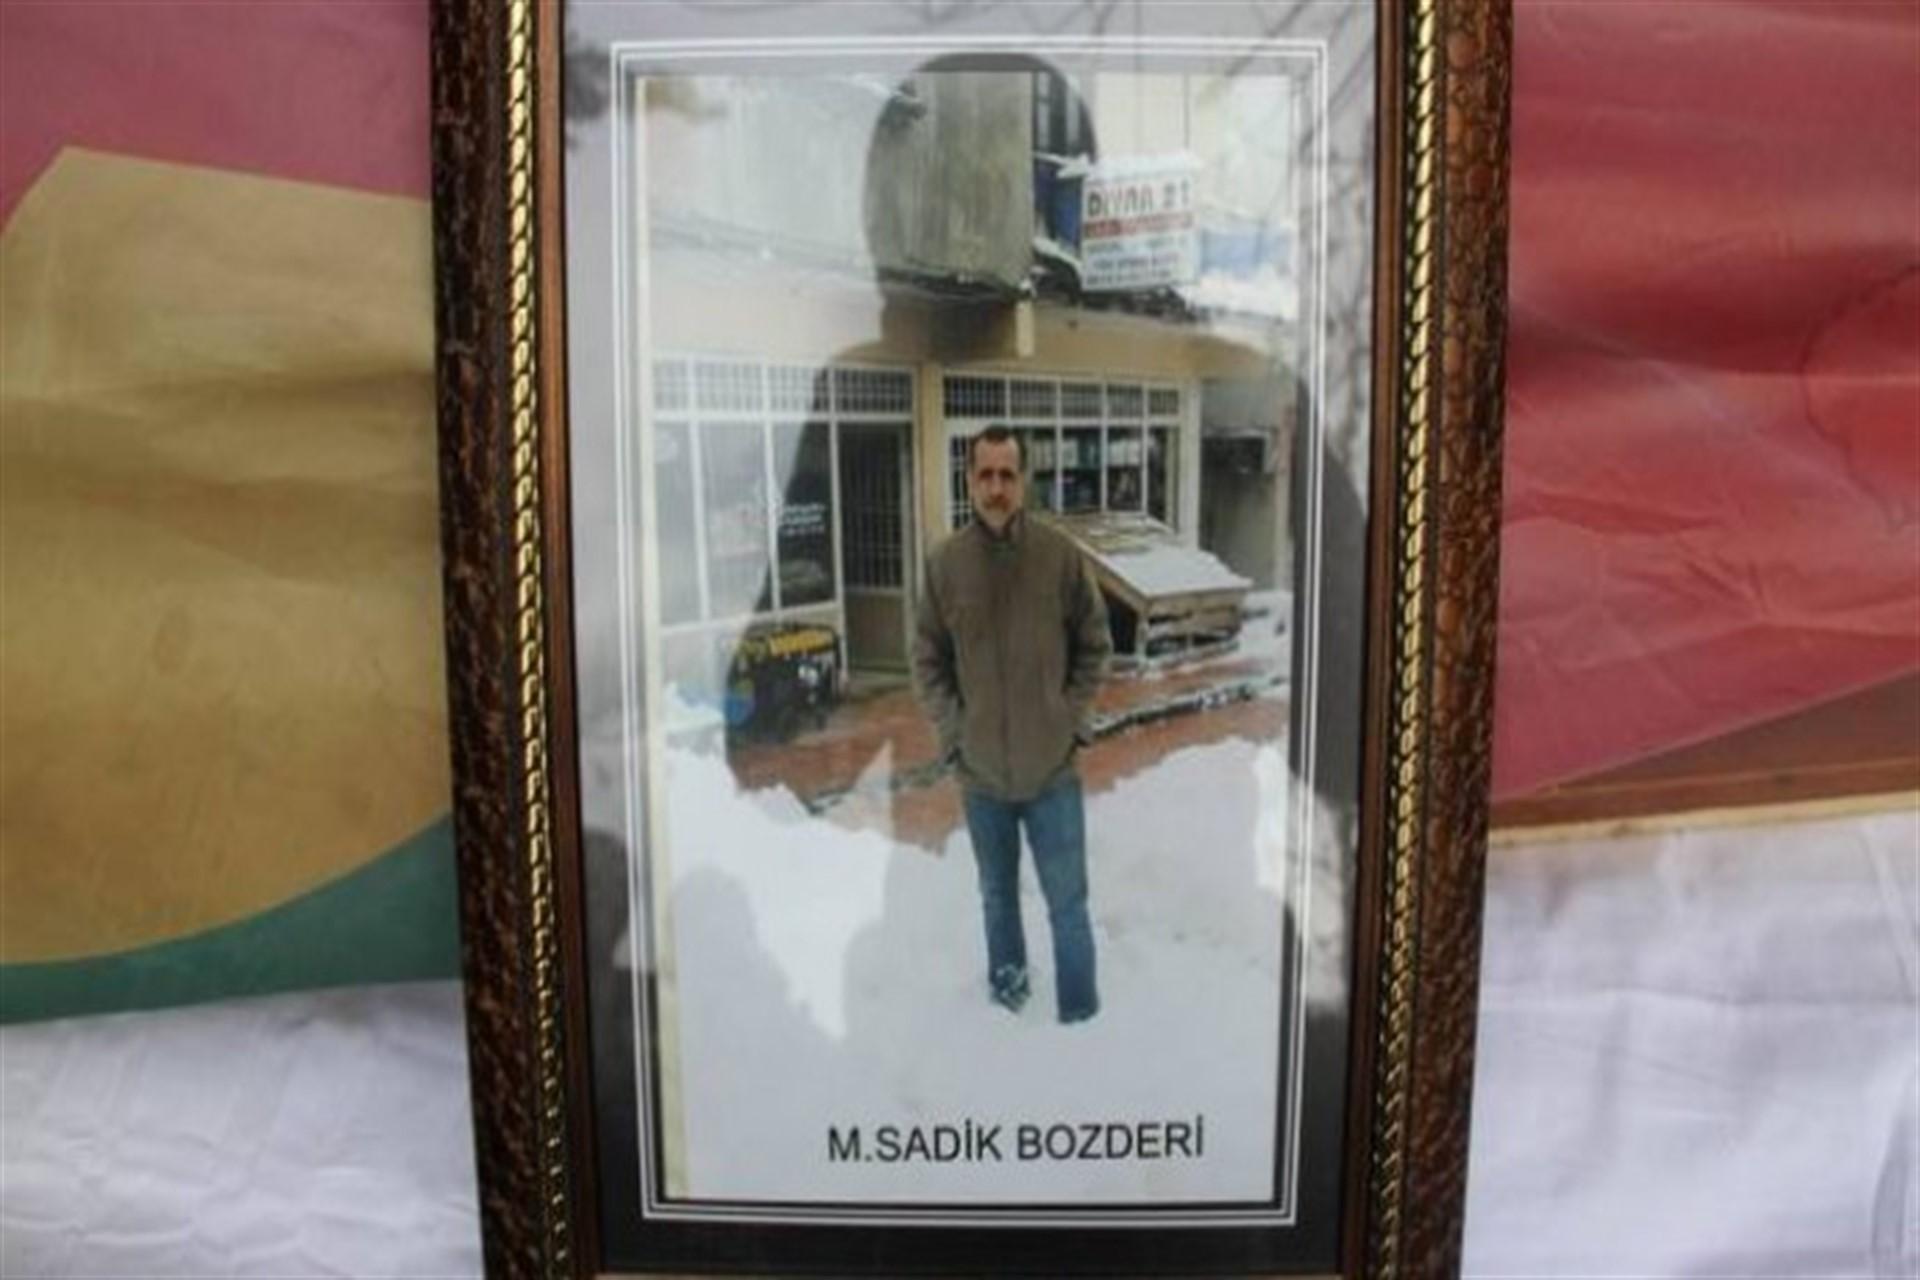 Sadık Bozeri'nin çerçeveli fotoğrafı